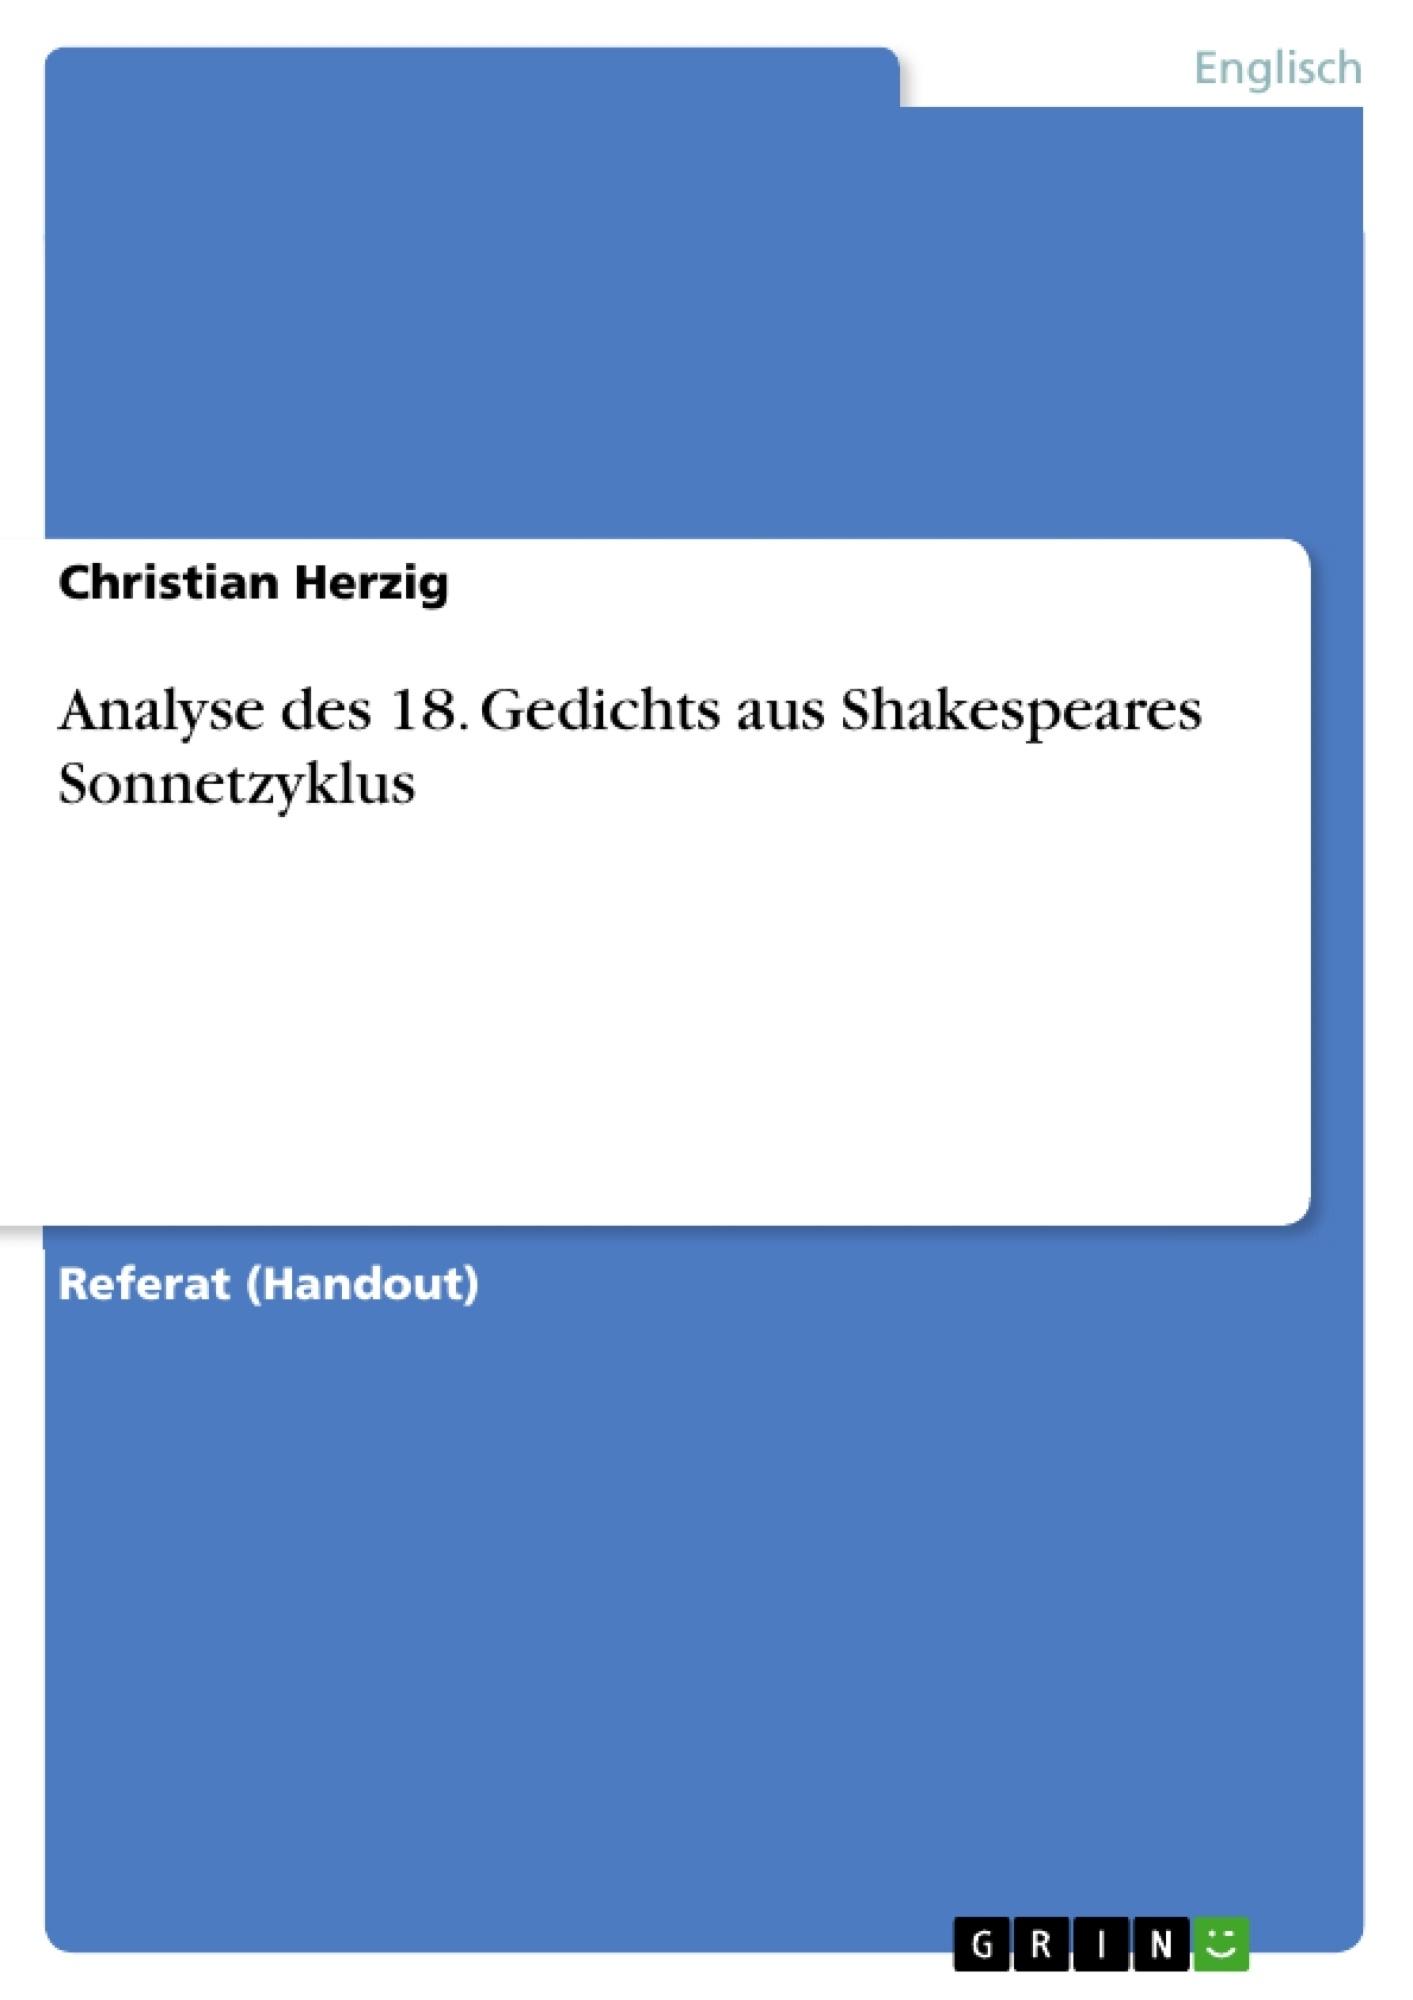 Titel: Analyse des 18. Gedichts aus Shakespeares Sonnetzyklus